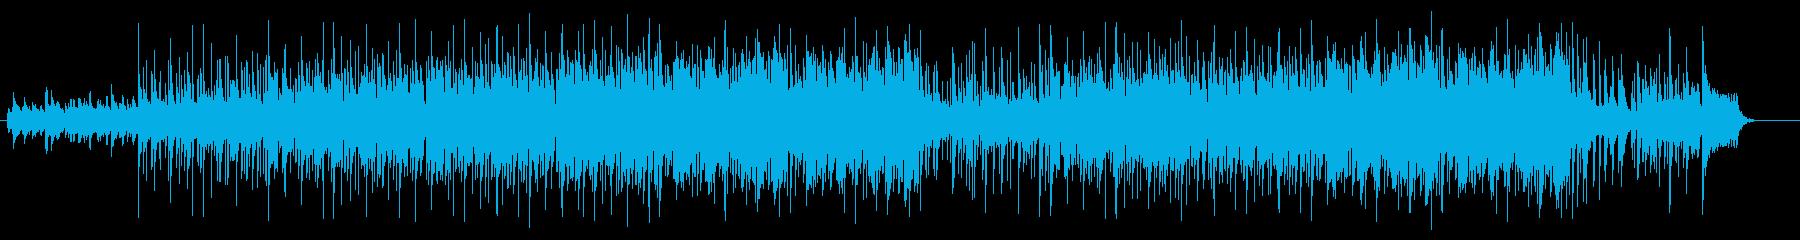 ビバ・ワールド(哀愁のインディオ風)の再生済みの波形